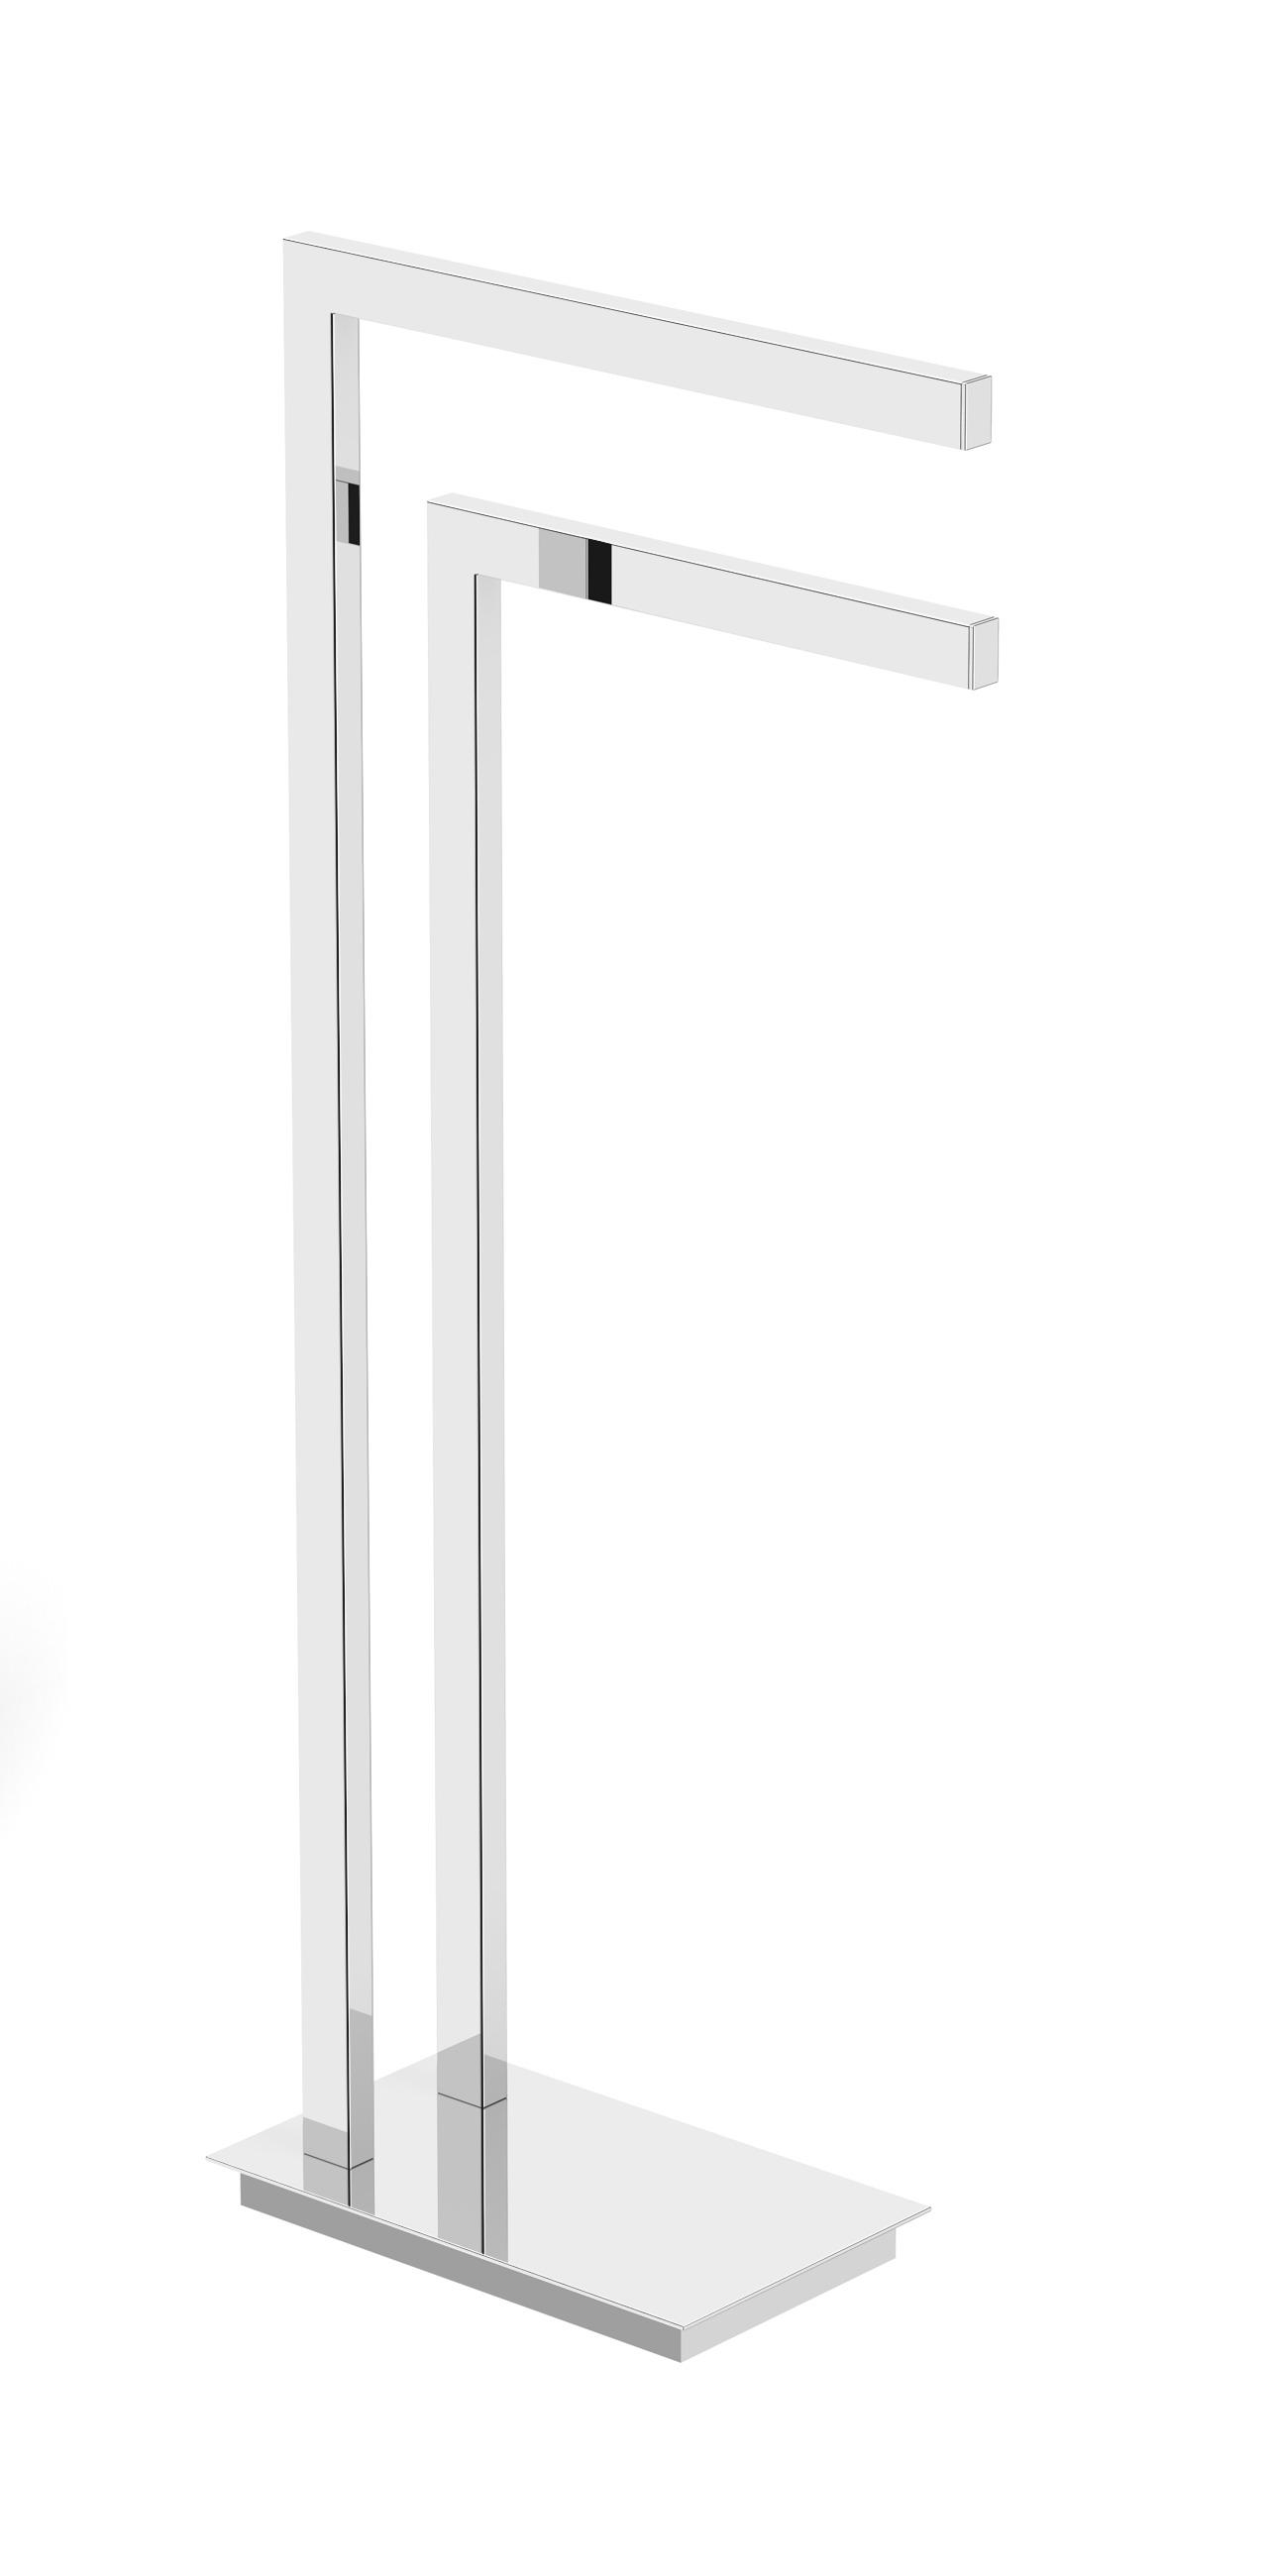 Напольная стойка Langberger 70381 хром. с 2-ным полотенцедержателем